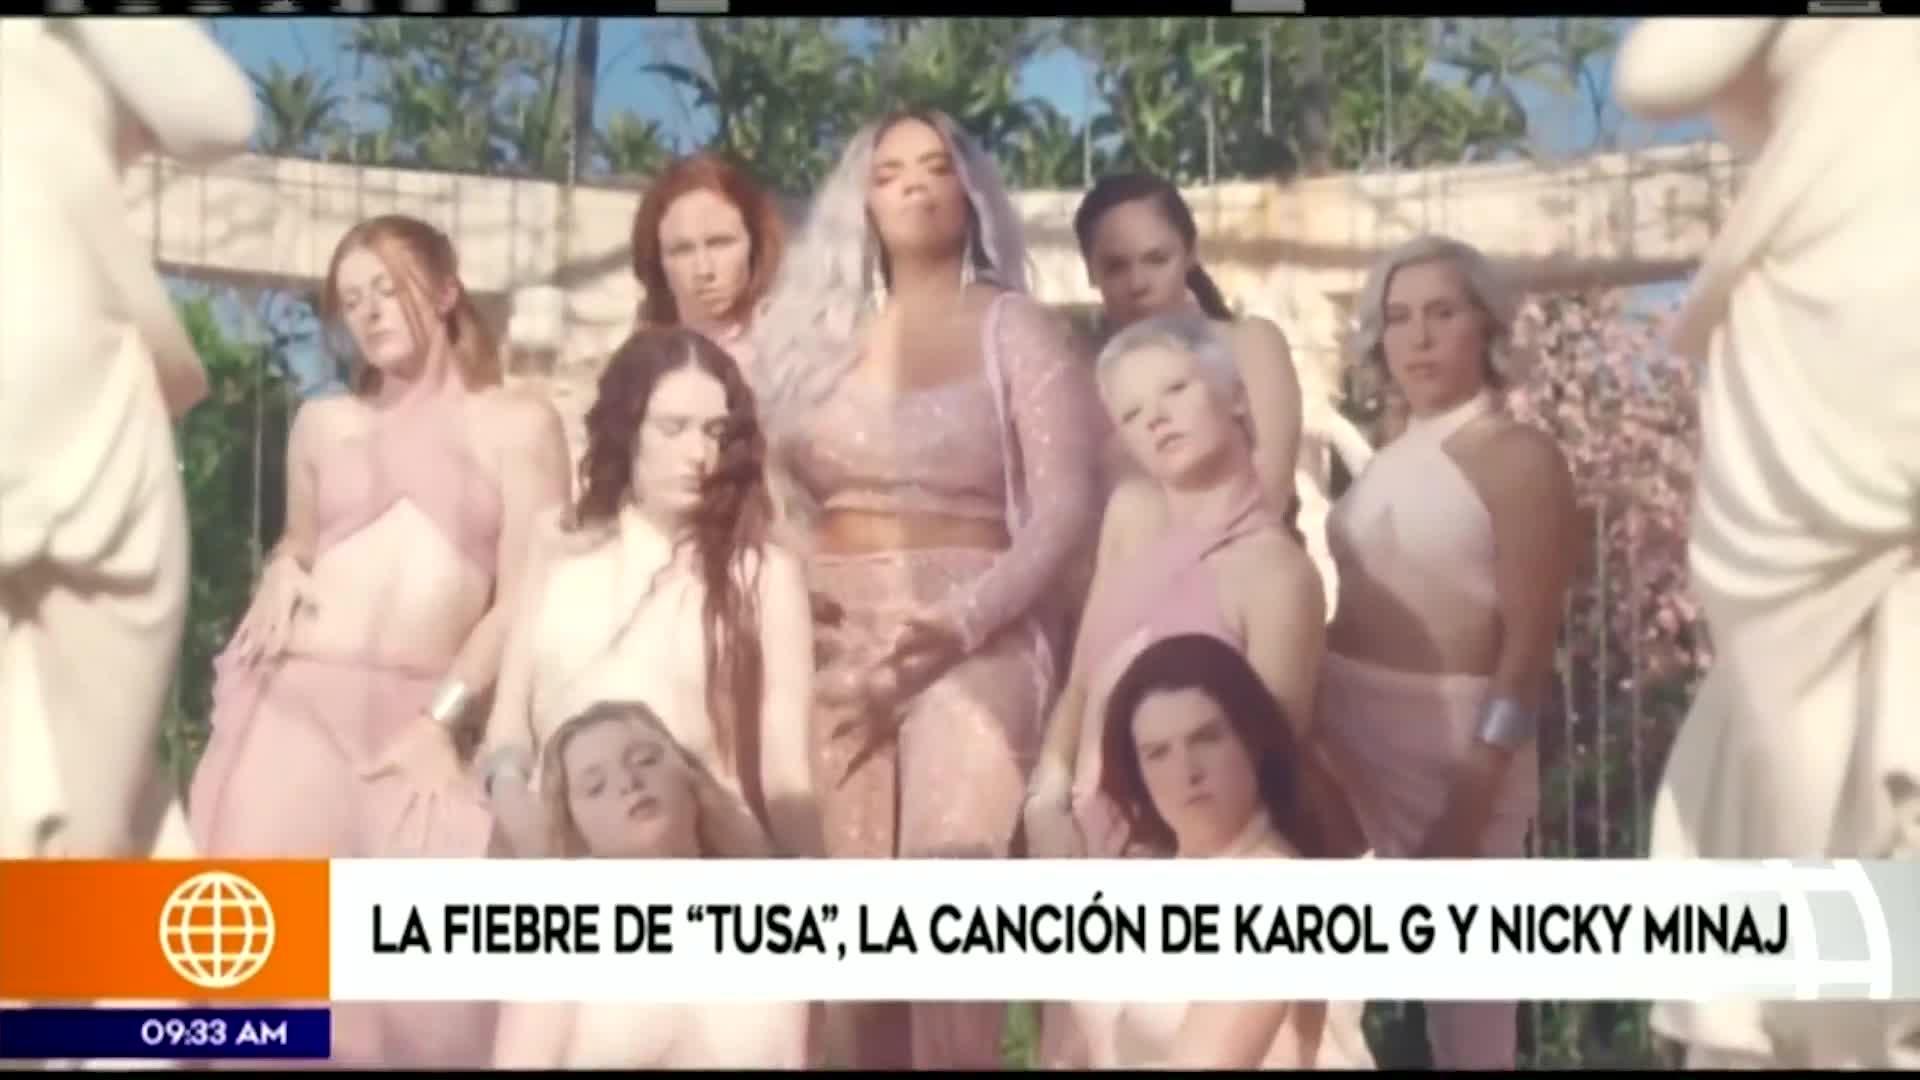 Tusa: la canción de Karol G y Nicky Minaj que ha revolucionado las redes sociales